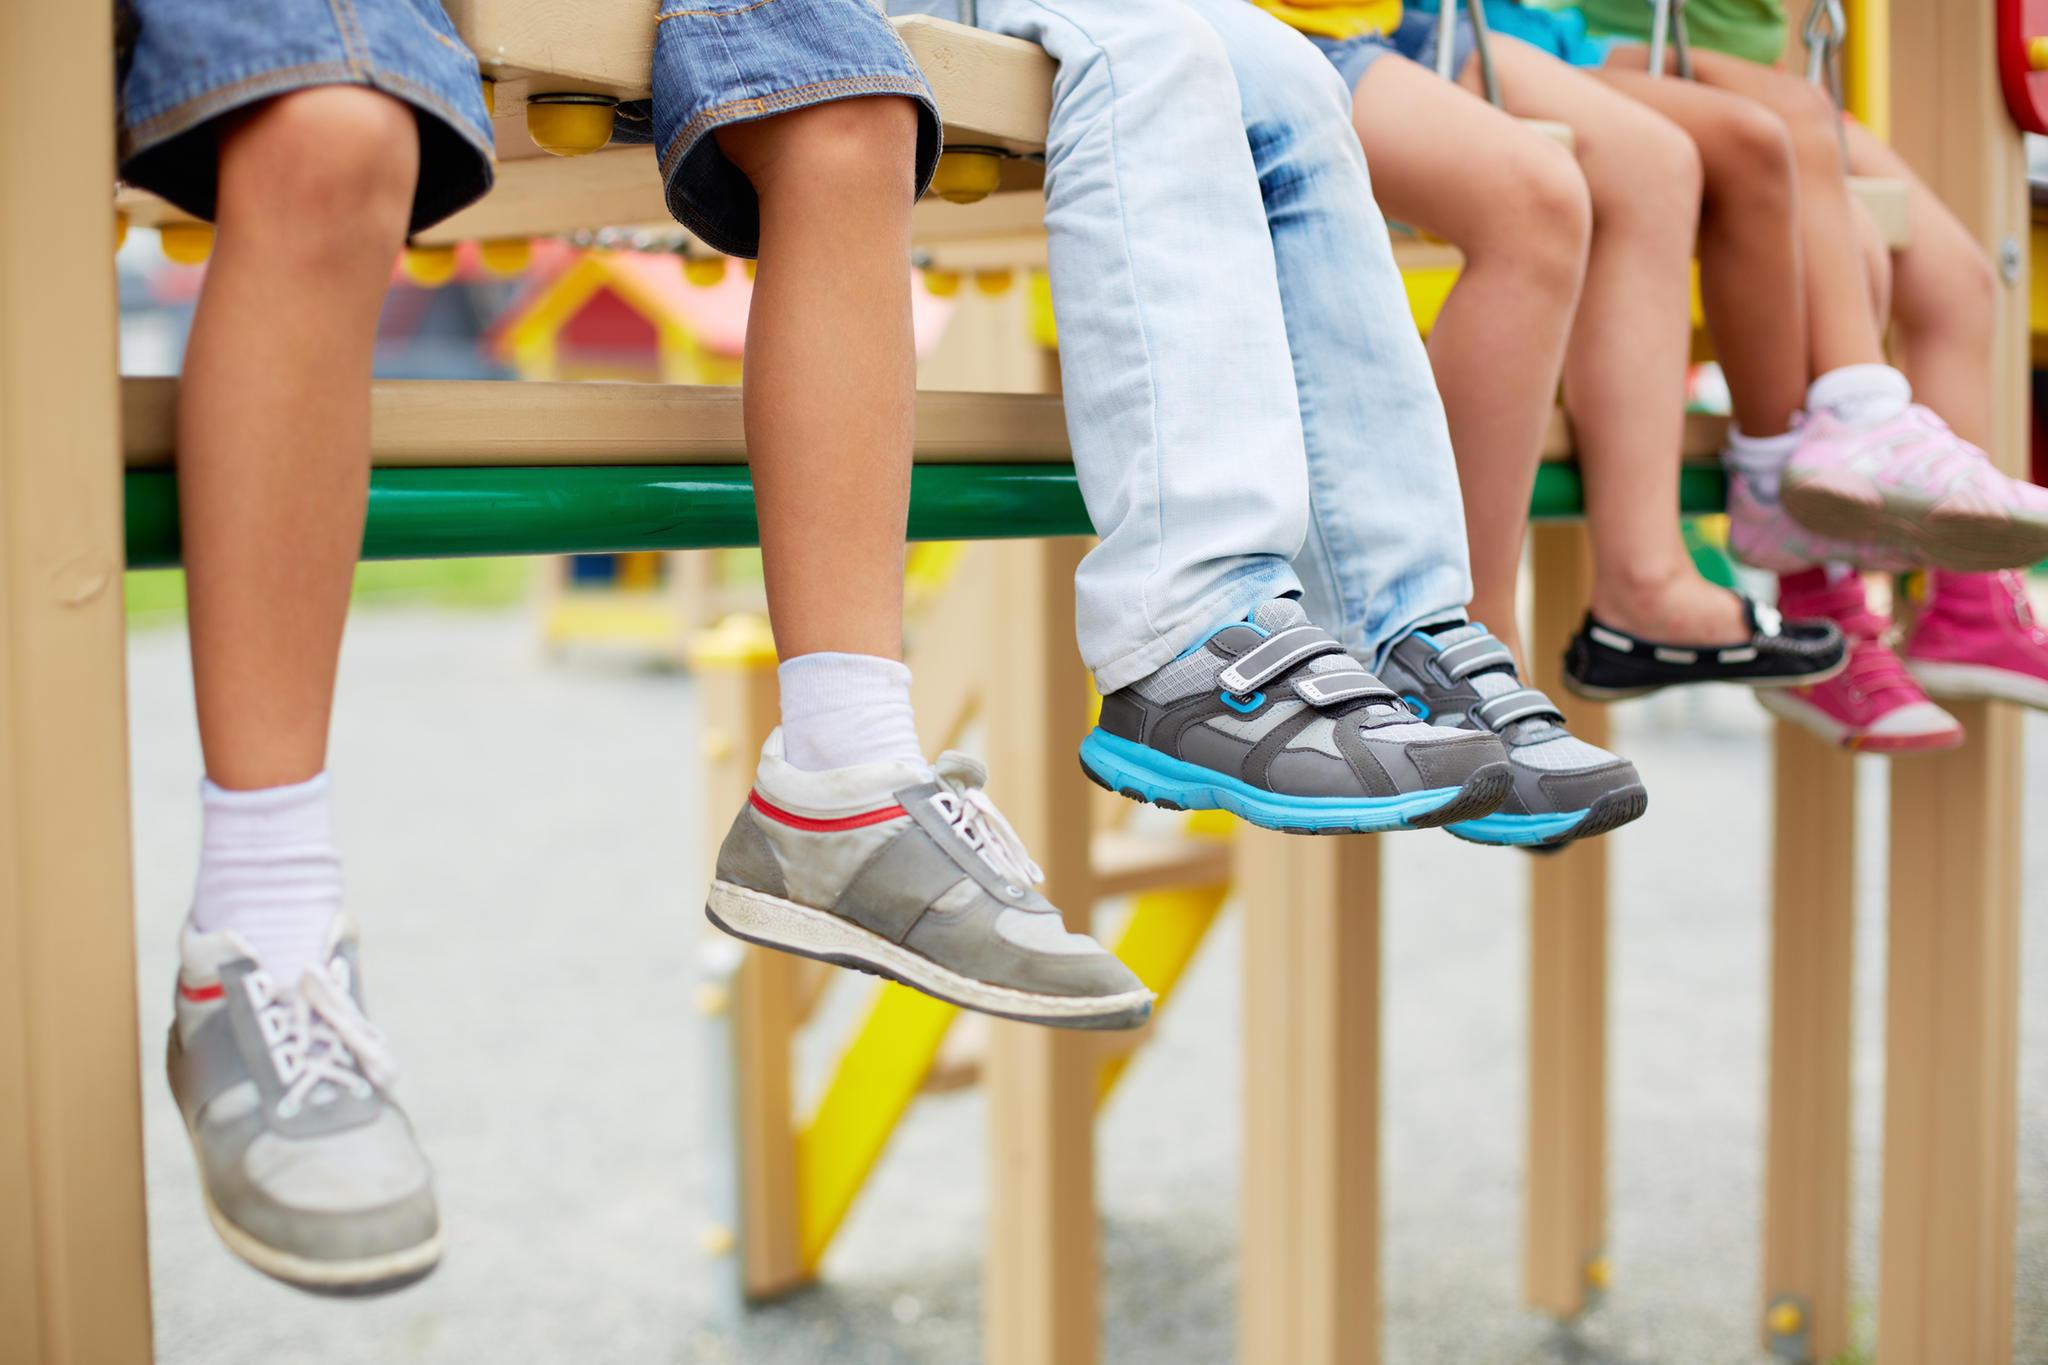 Lässig muss es sein! Schuhe werden zum Statement und dürfen kaum zu spüren sein. Diese Mädchen und Jungs mögen es bequem.